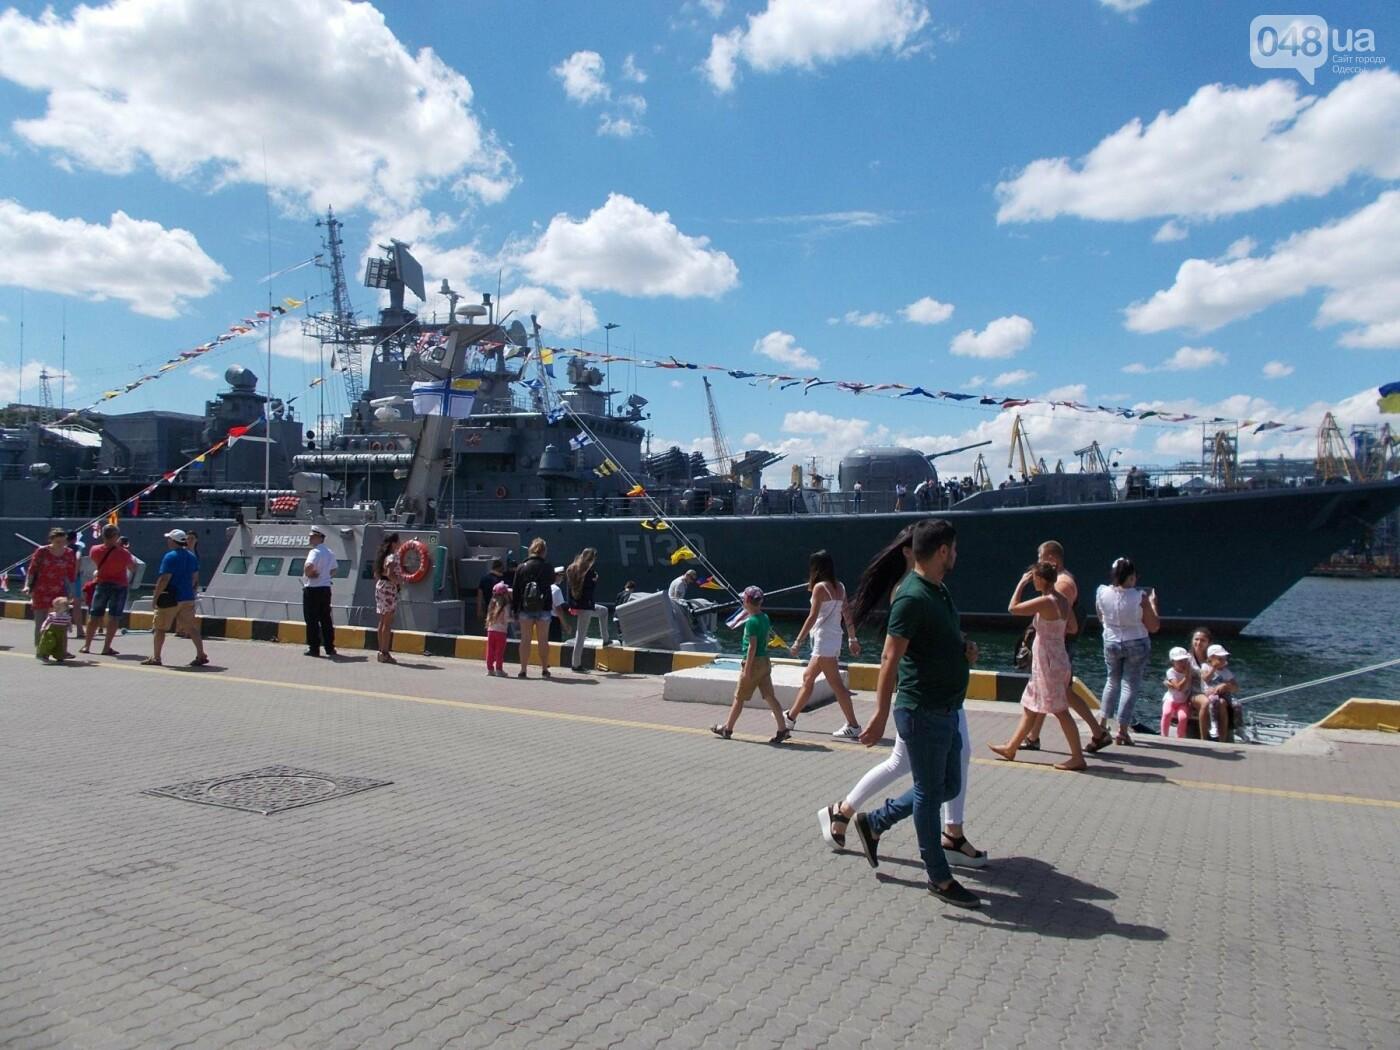 День Военно-морских сил Украины отпраздновали на Одесском морвокзале, - ФОТО , фото-6